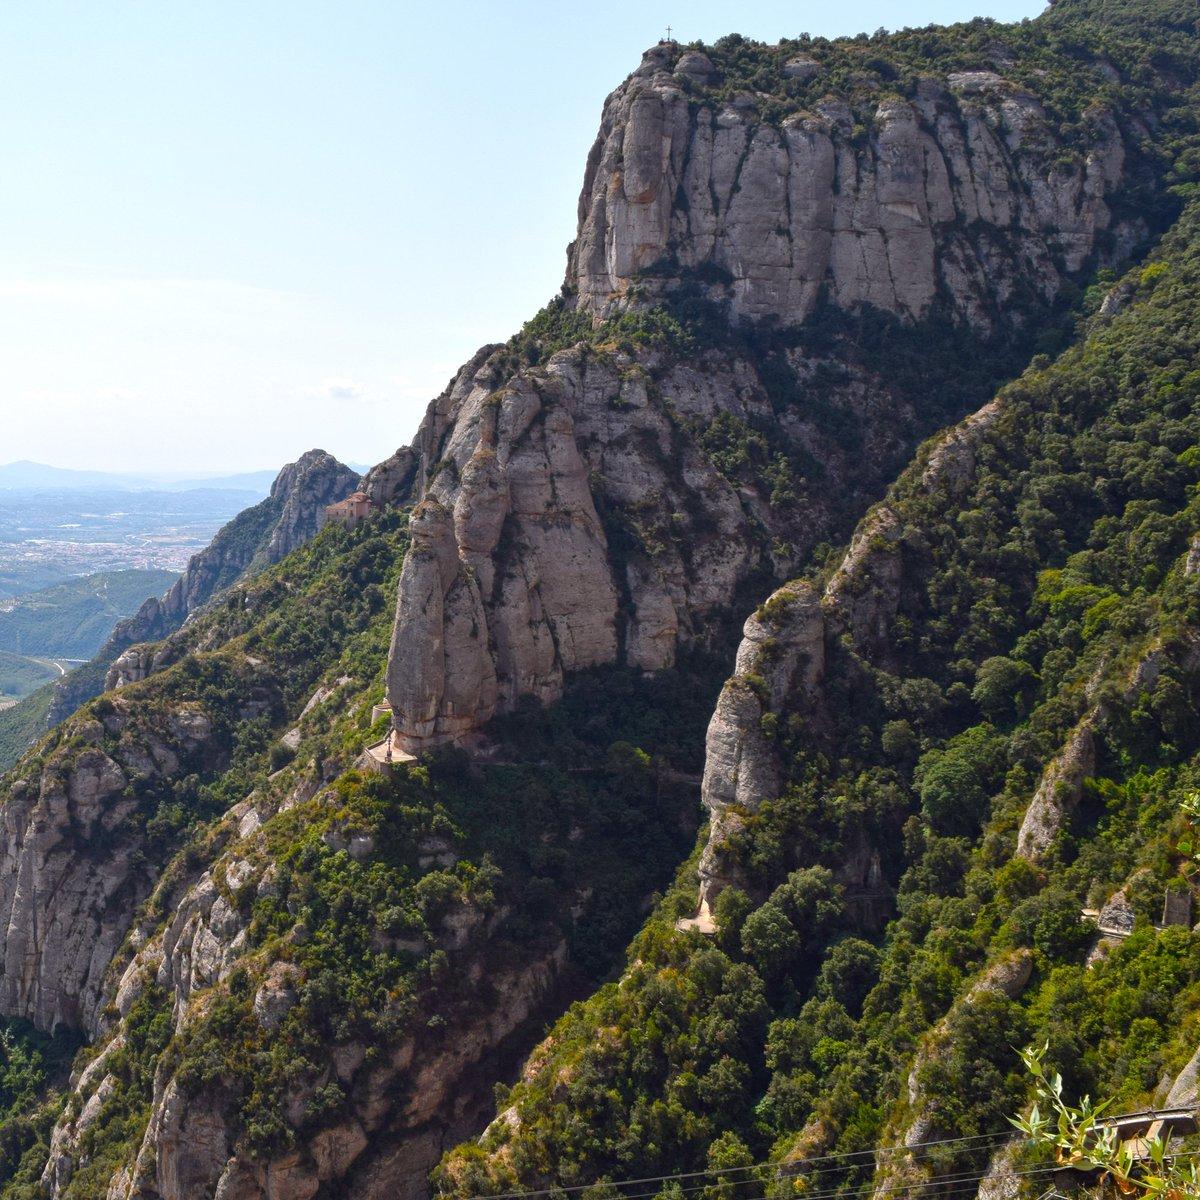 Puja a #Montserrat amb l @AeriMontserrat i gaudeix daquest paisatge! Bon dia! 🚠😍 @PNMontserrat @montserratinfo @FGC_Montserrat @BCNmoltmes